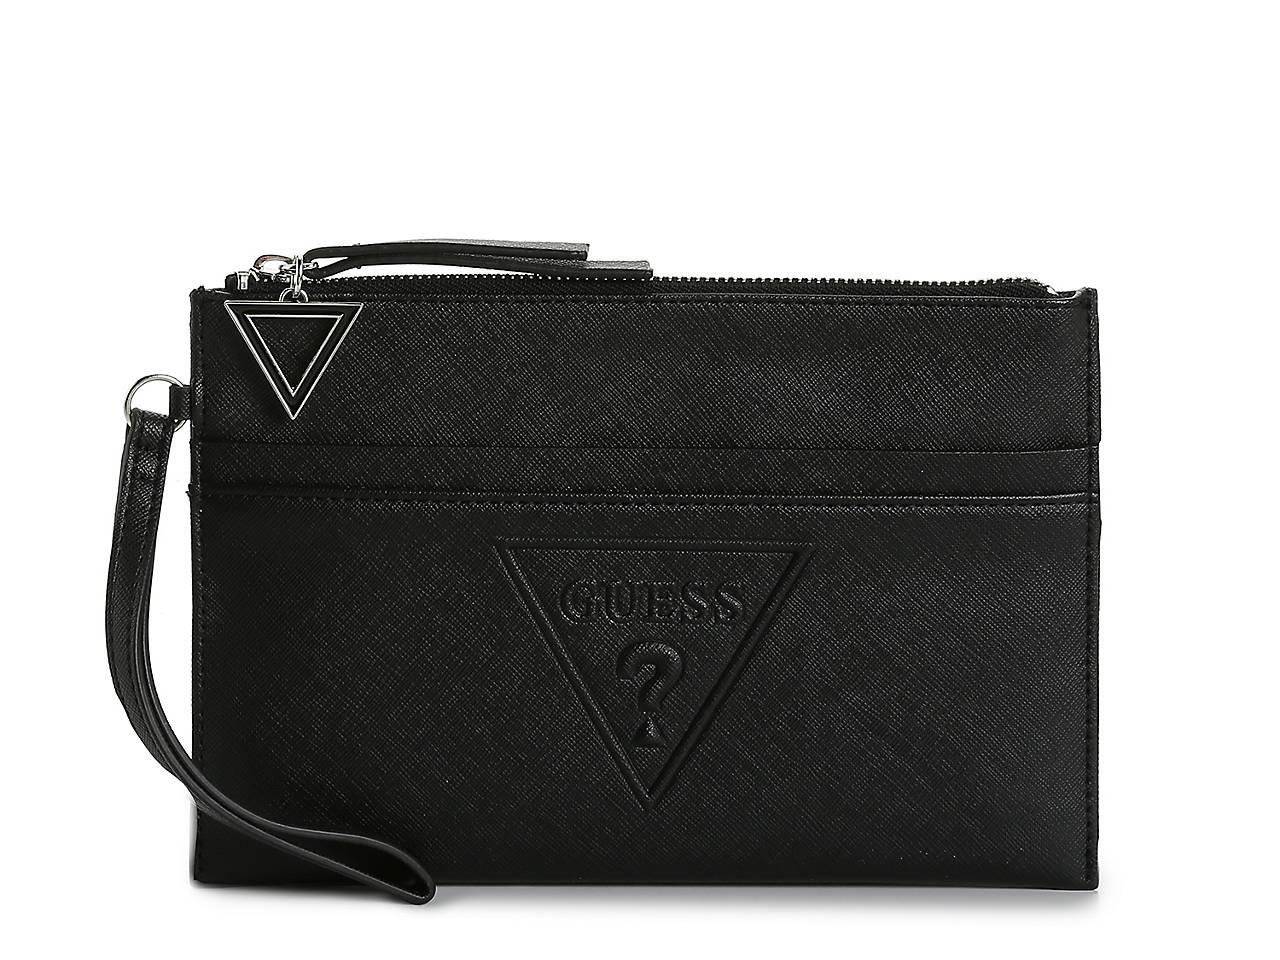 d8ff10543e0 Guess Baldwin Park Wristlet Women s Handbags   Accessories